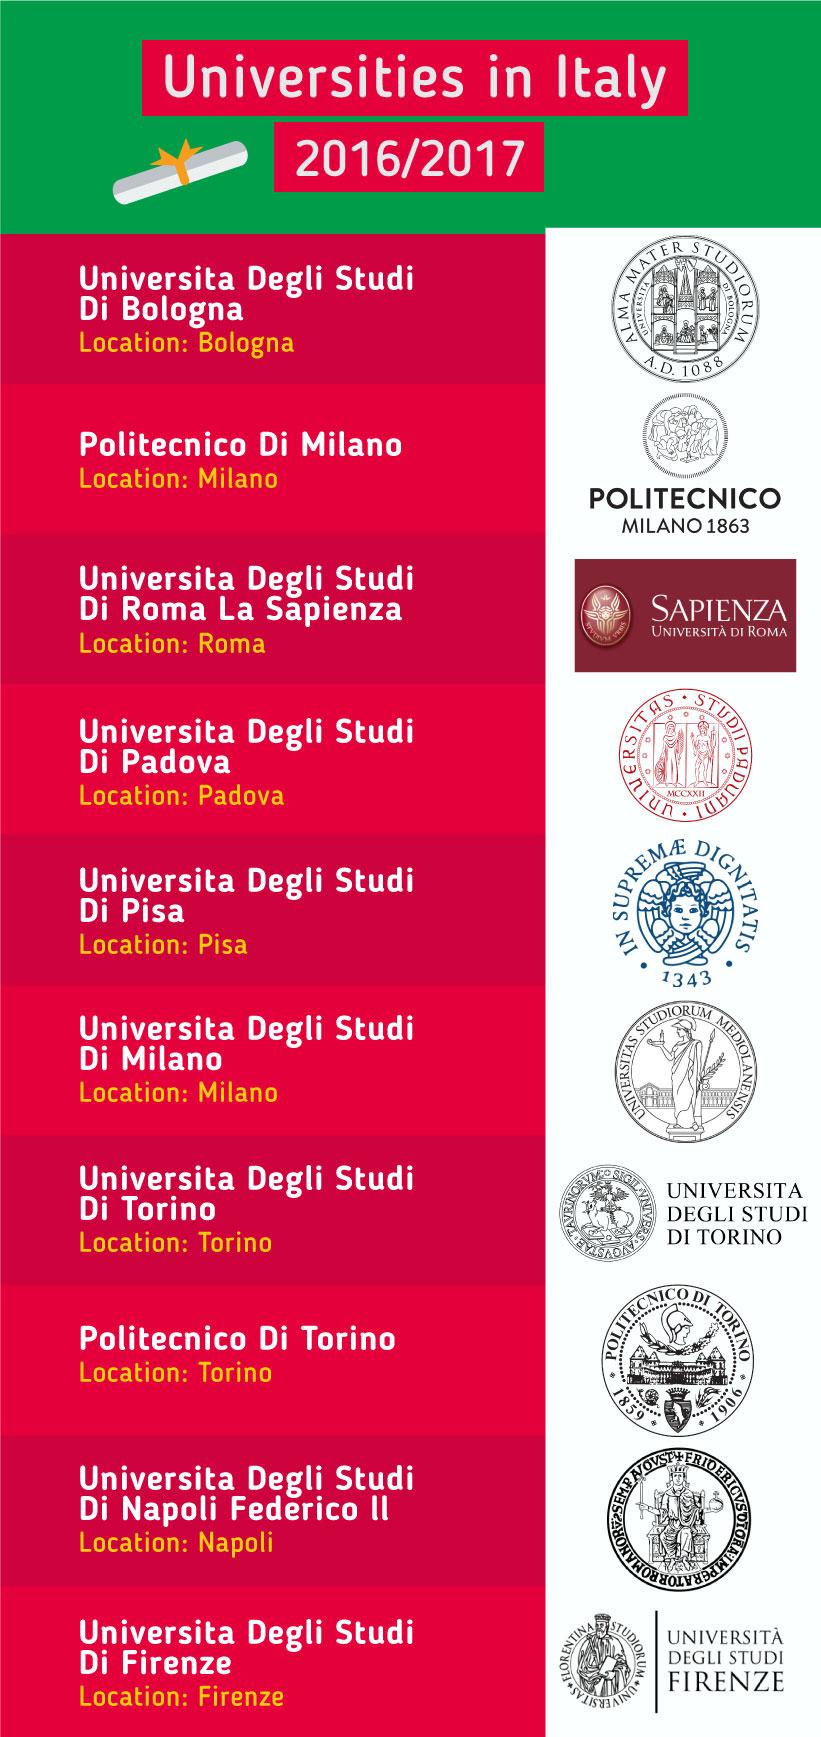 Top 10 trường đại học tại Ý